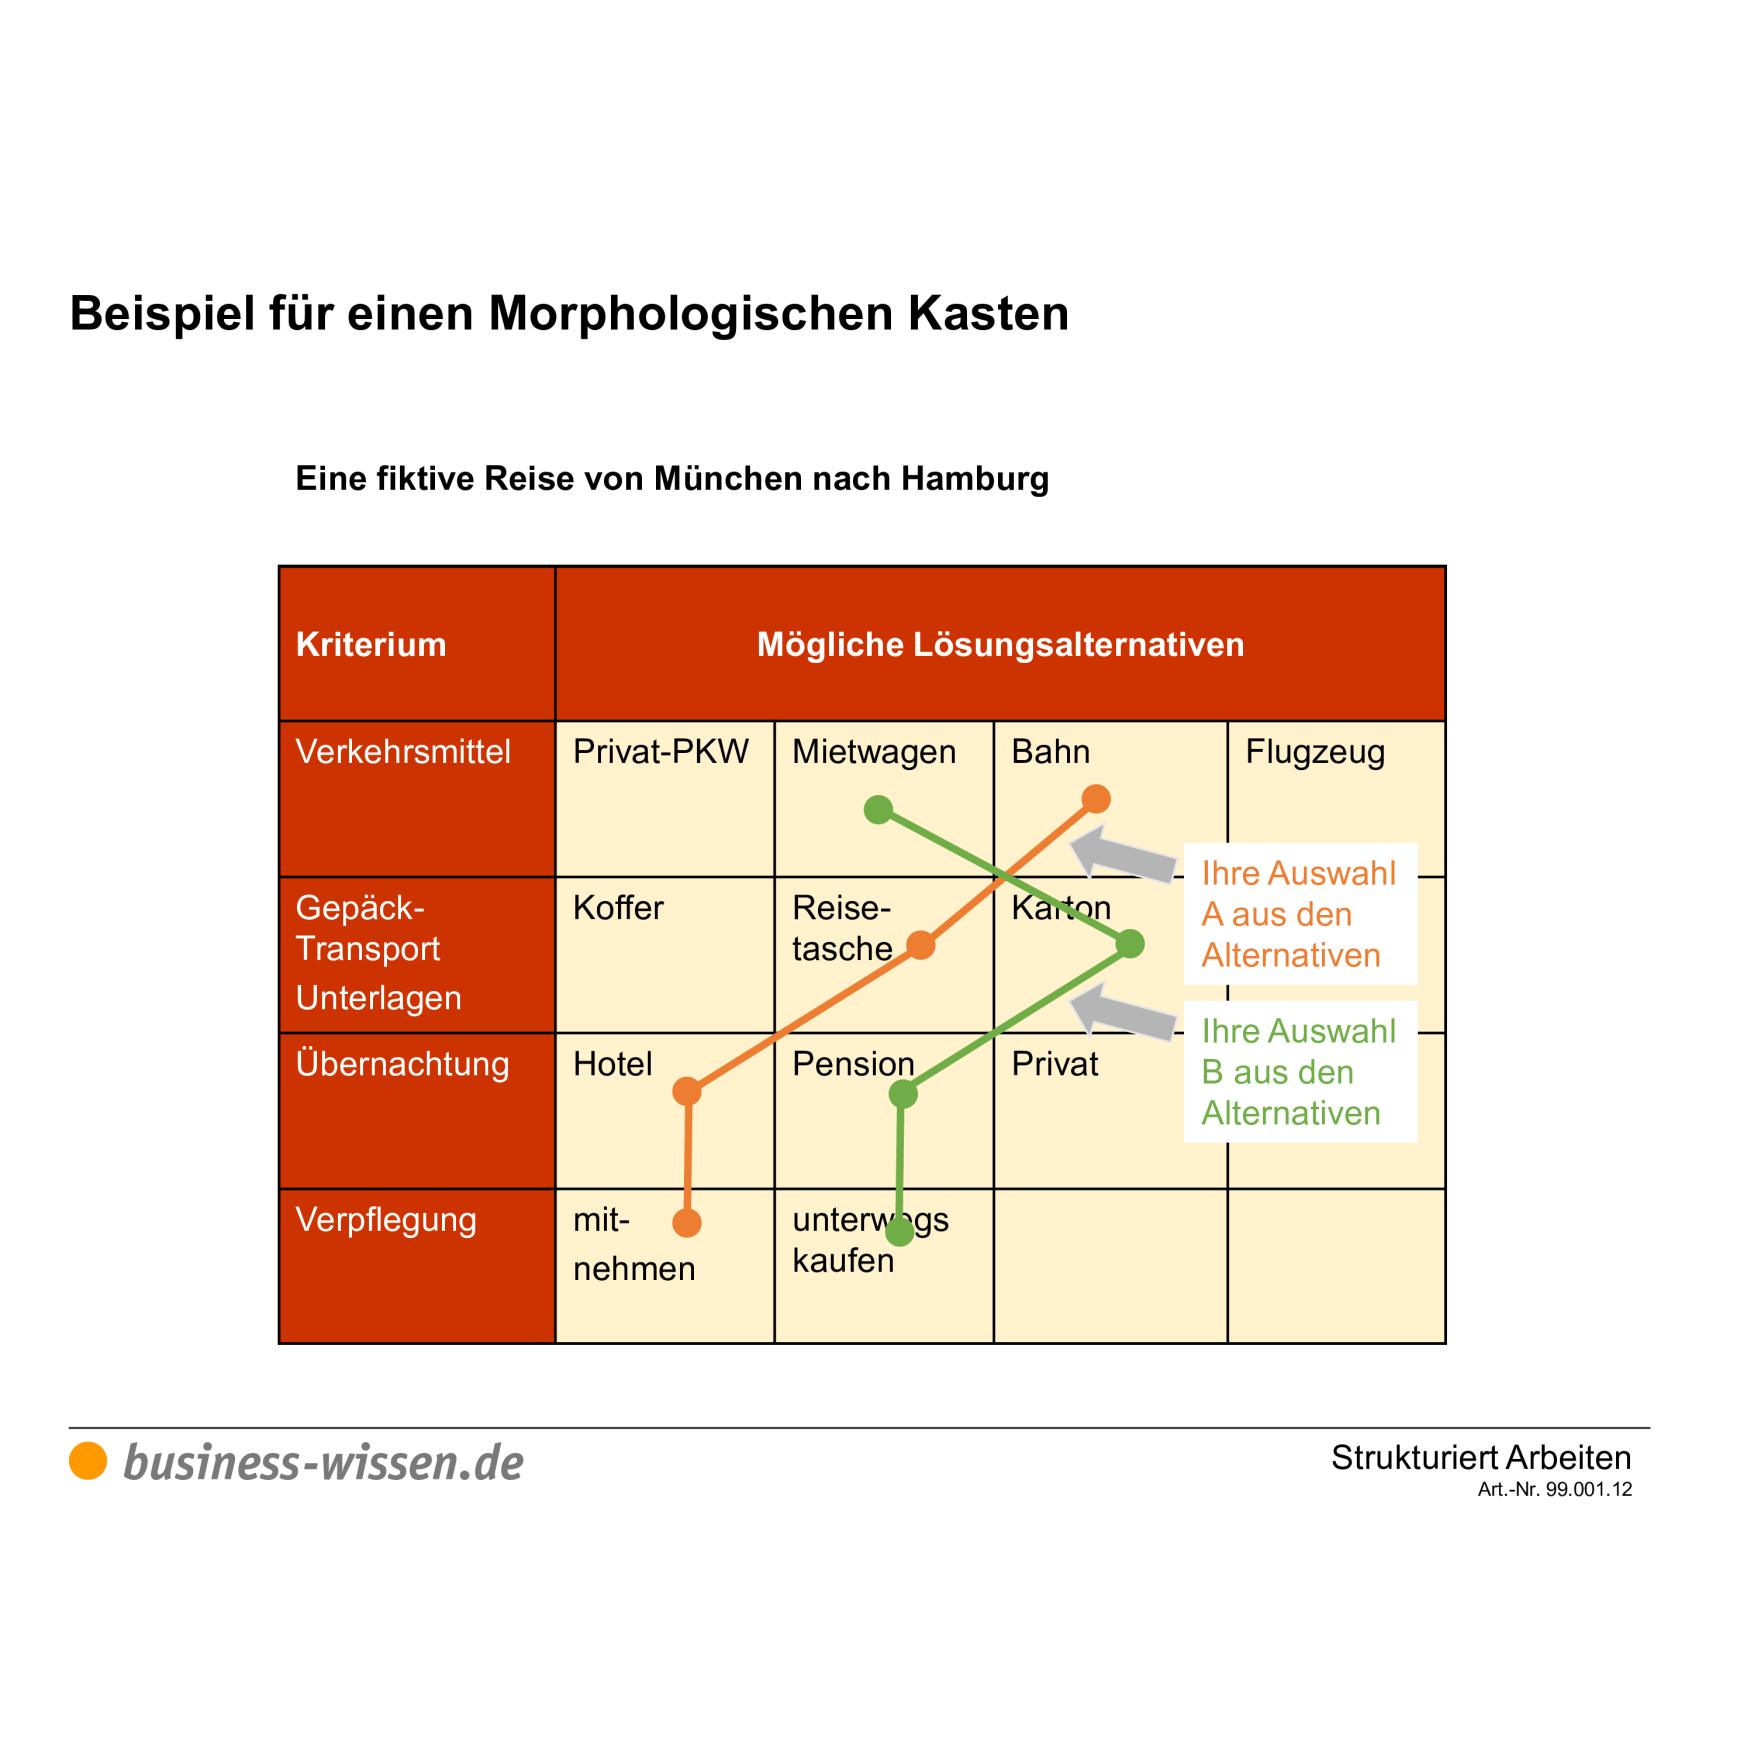 Morphologischer Kasten Am Beispiel Reiseplanung Vorlage Business Wissen De